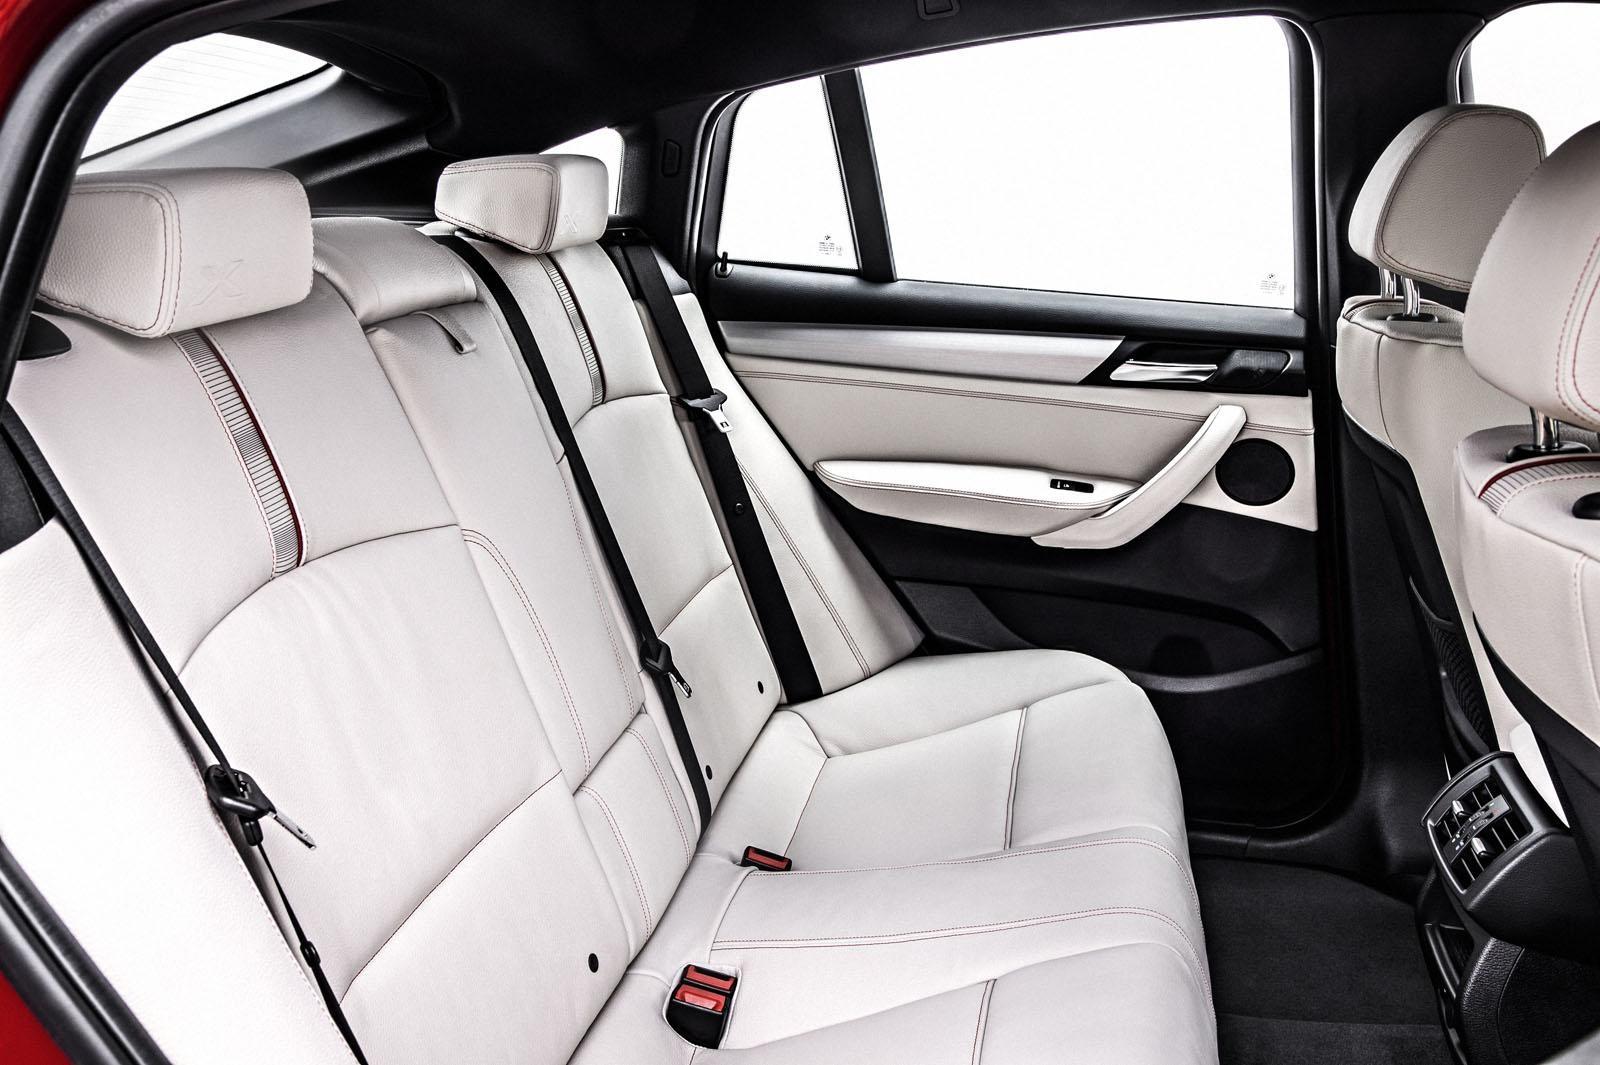 http://images.caradisiac.com/images/2/9/5/6/92956/S0-Le-nouveau-BMW-X4-enfin-presente-316477.jpg